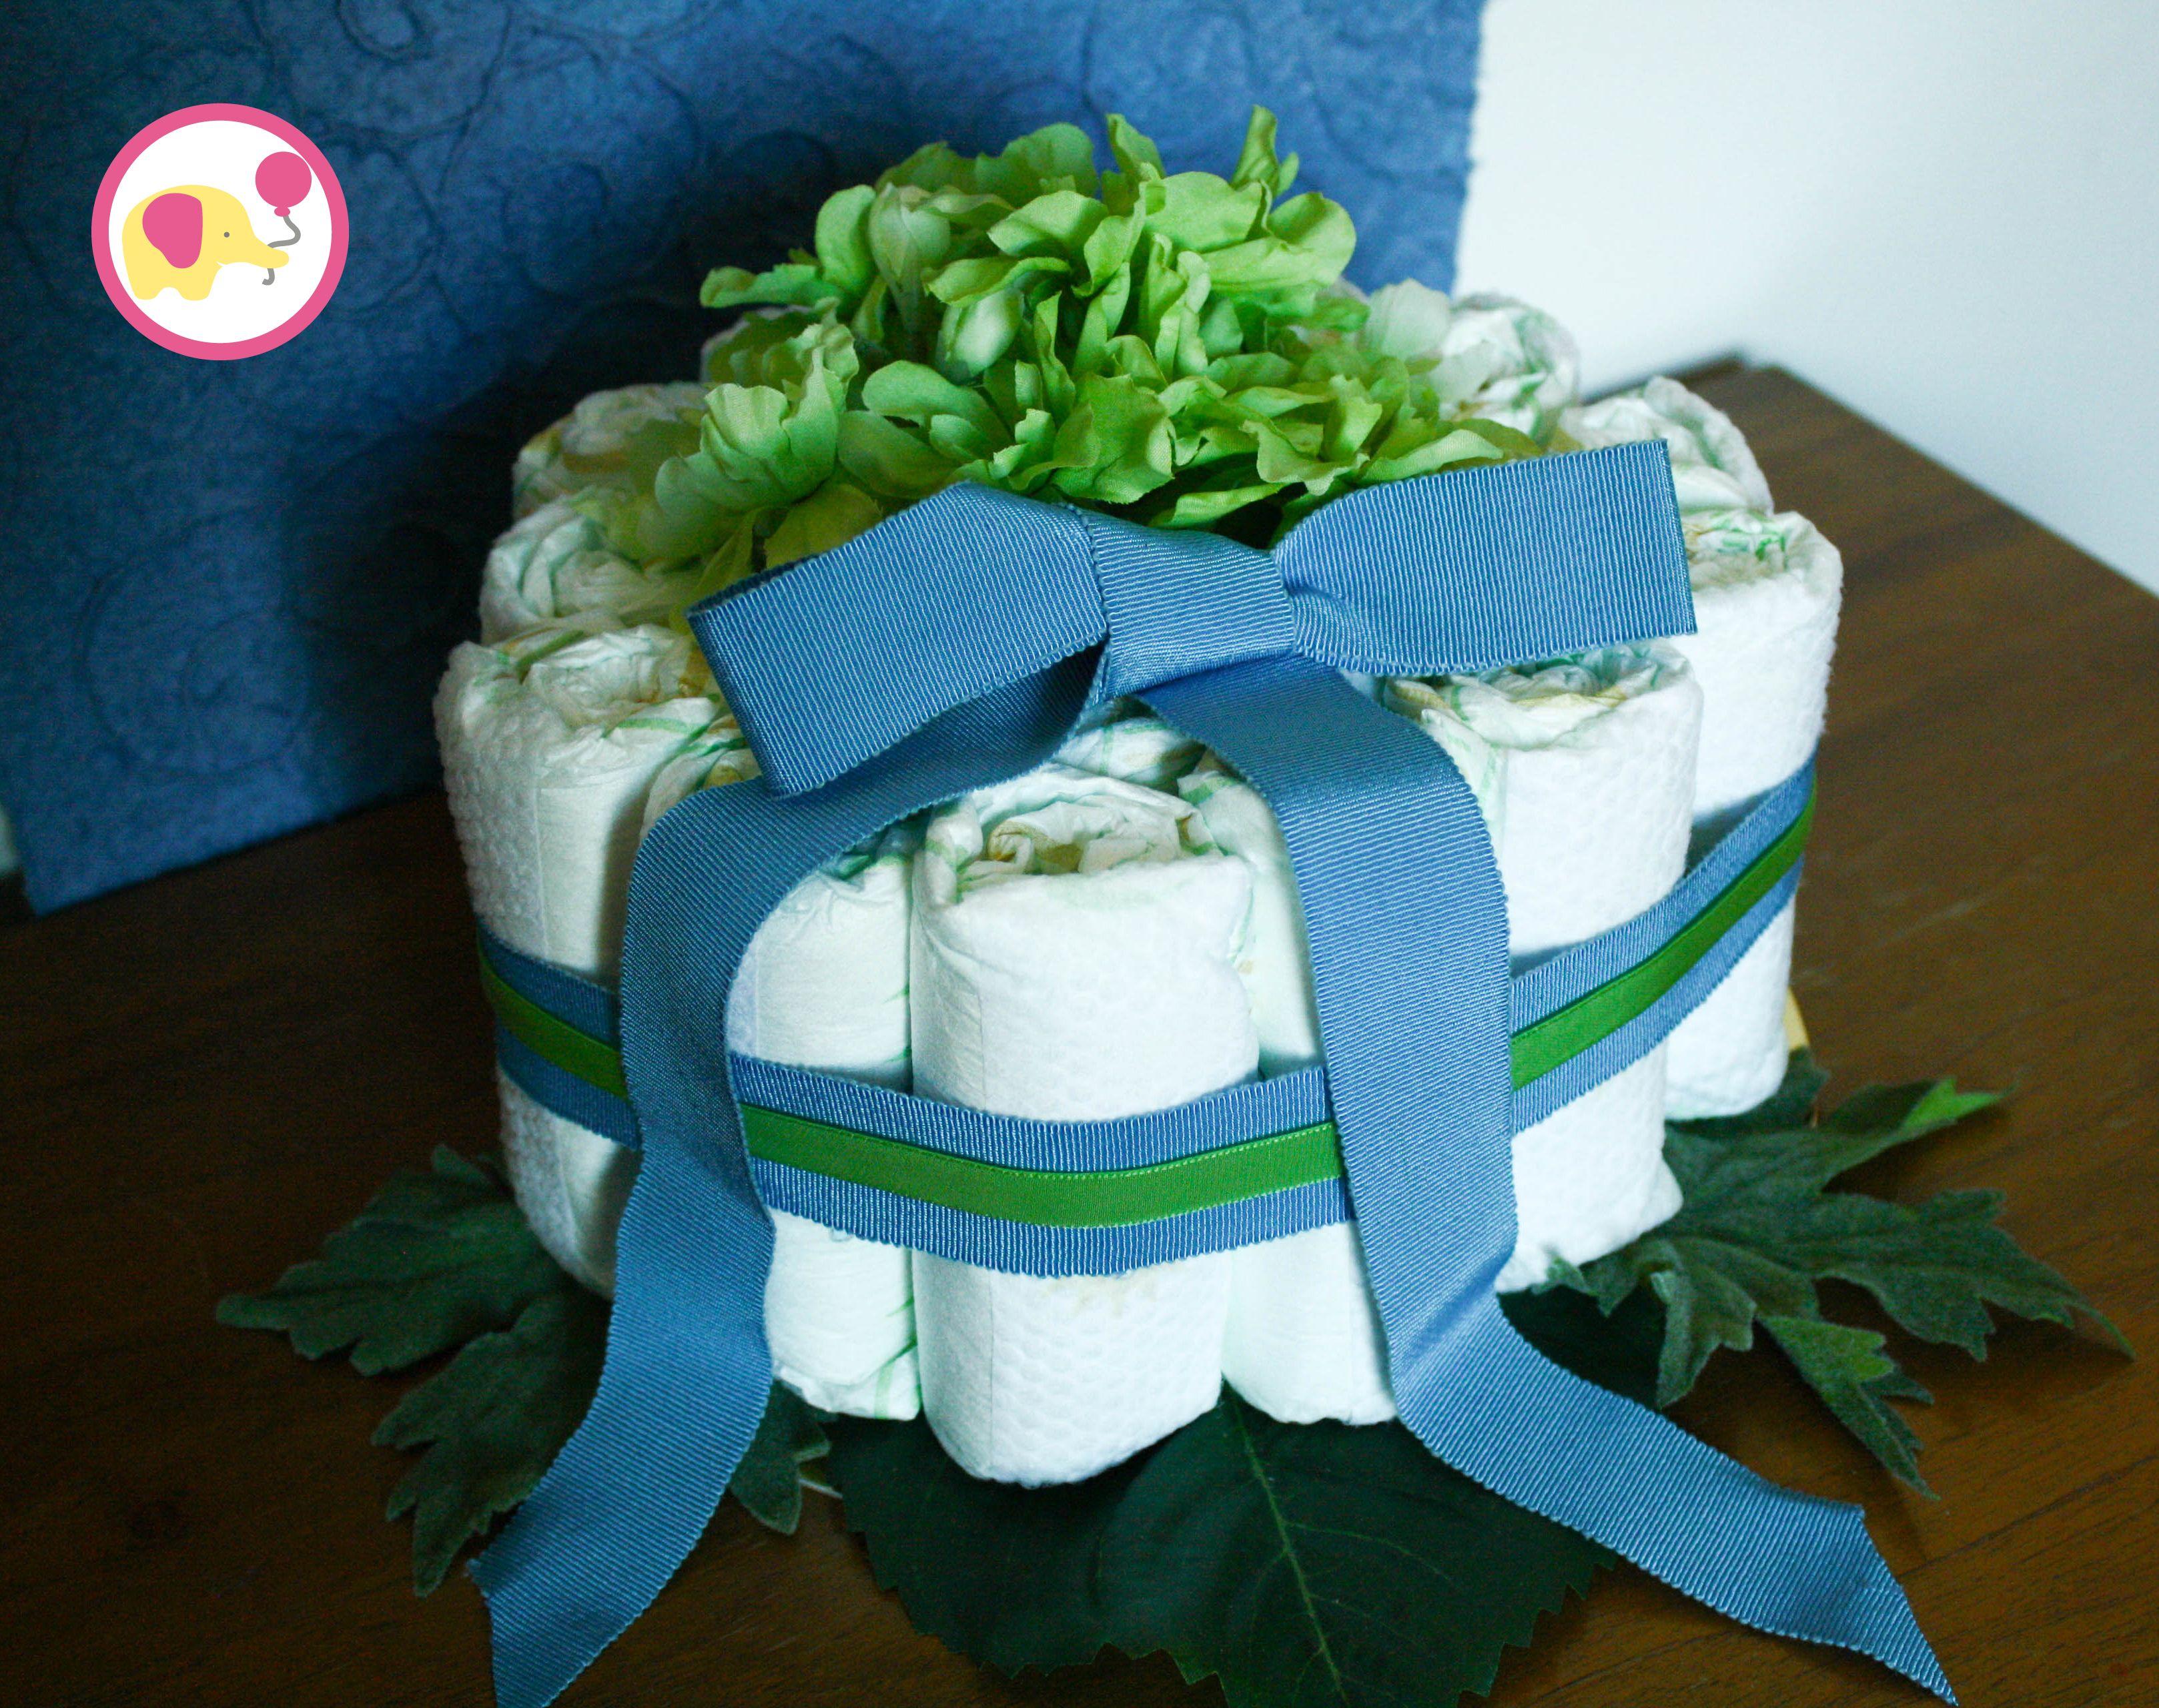 Piccola torta per piccolo bimbo! Benvenuto Thomas!/ A small cake for a small baby! Welcome Thomas!